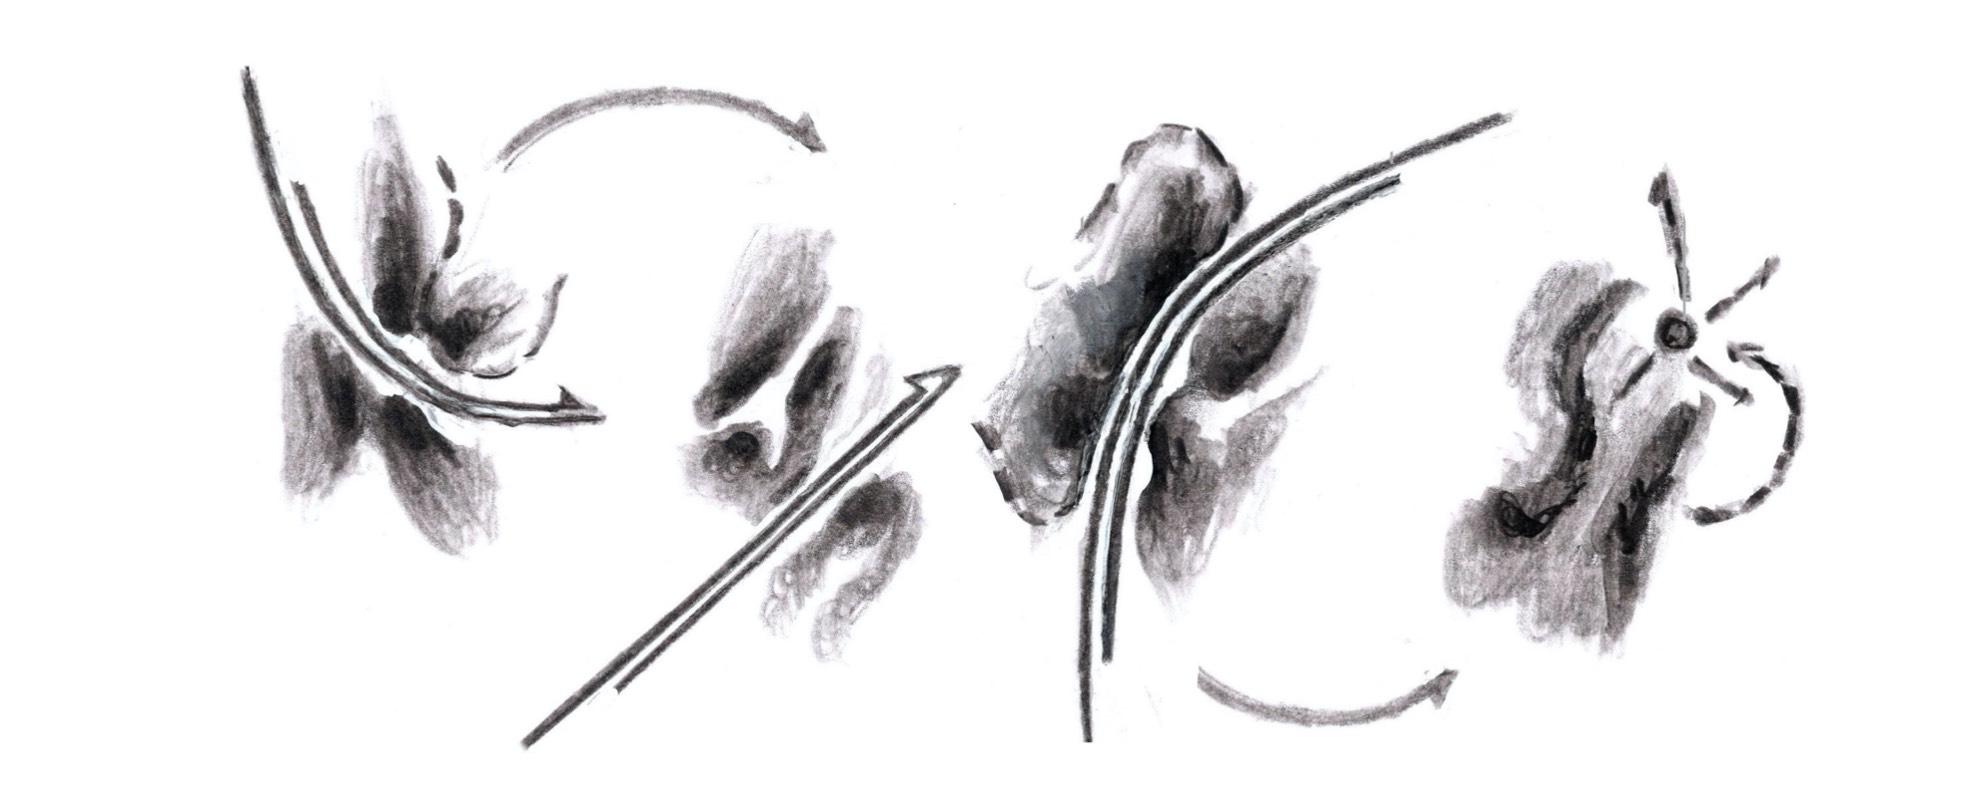 """Η έννοια του """"Μπολιάσματος"""" στη συνθετική διαδικασία"""